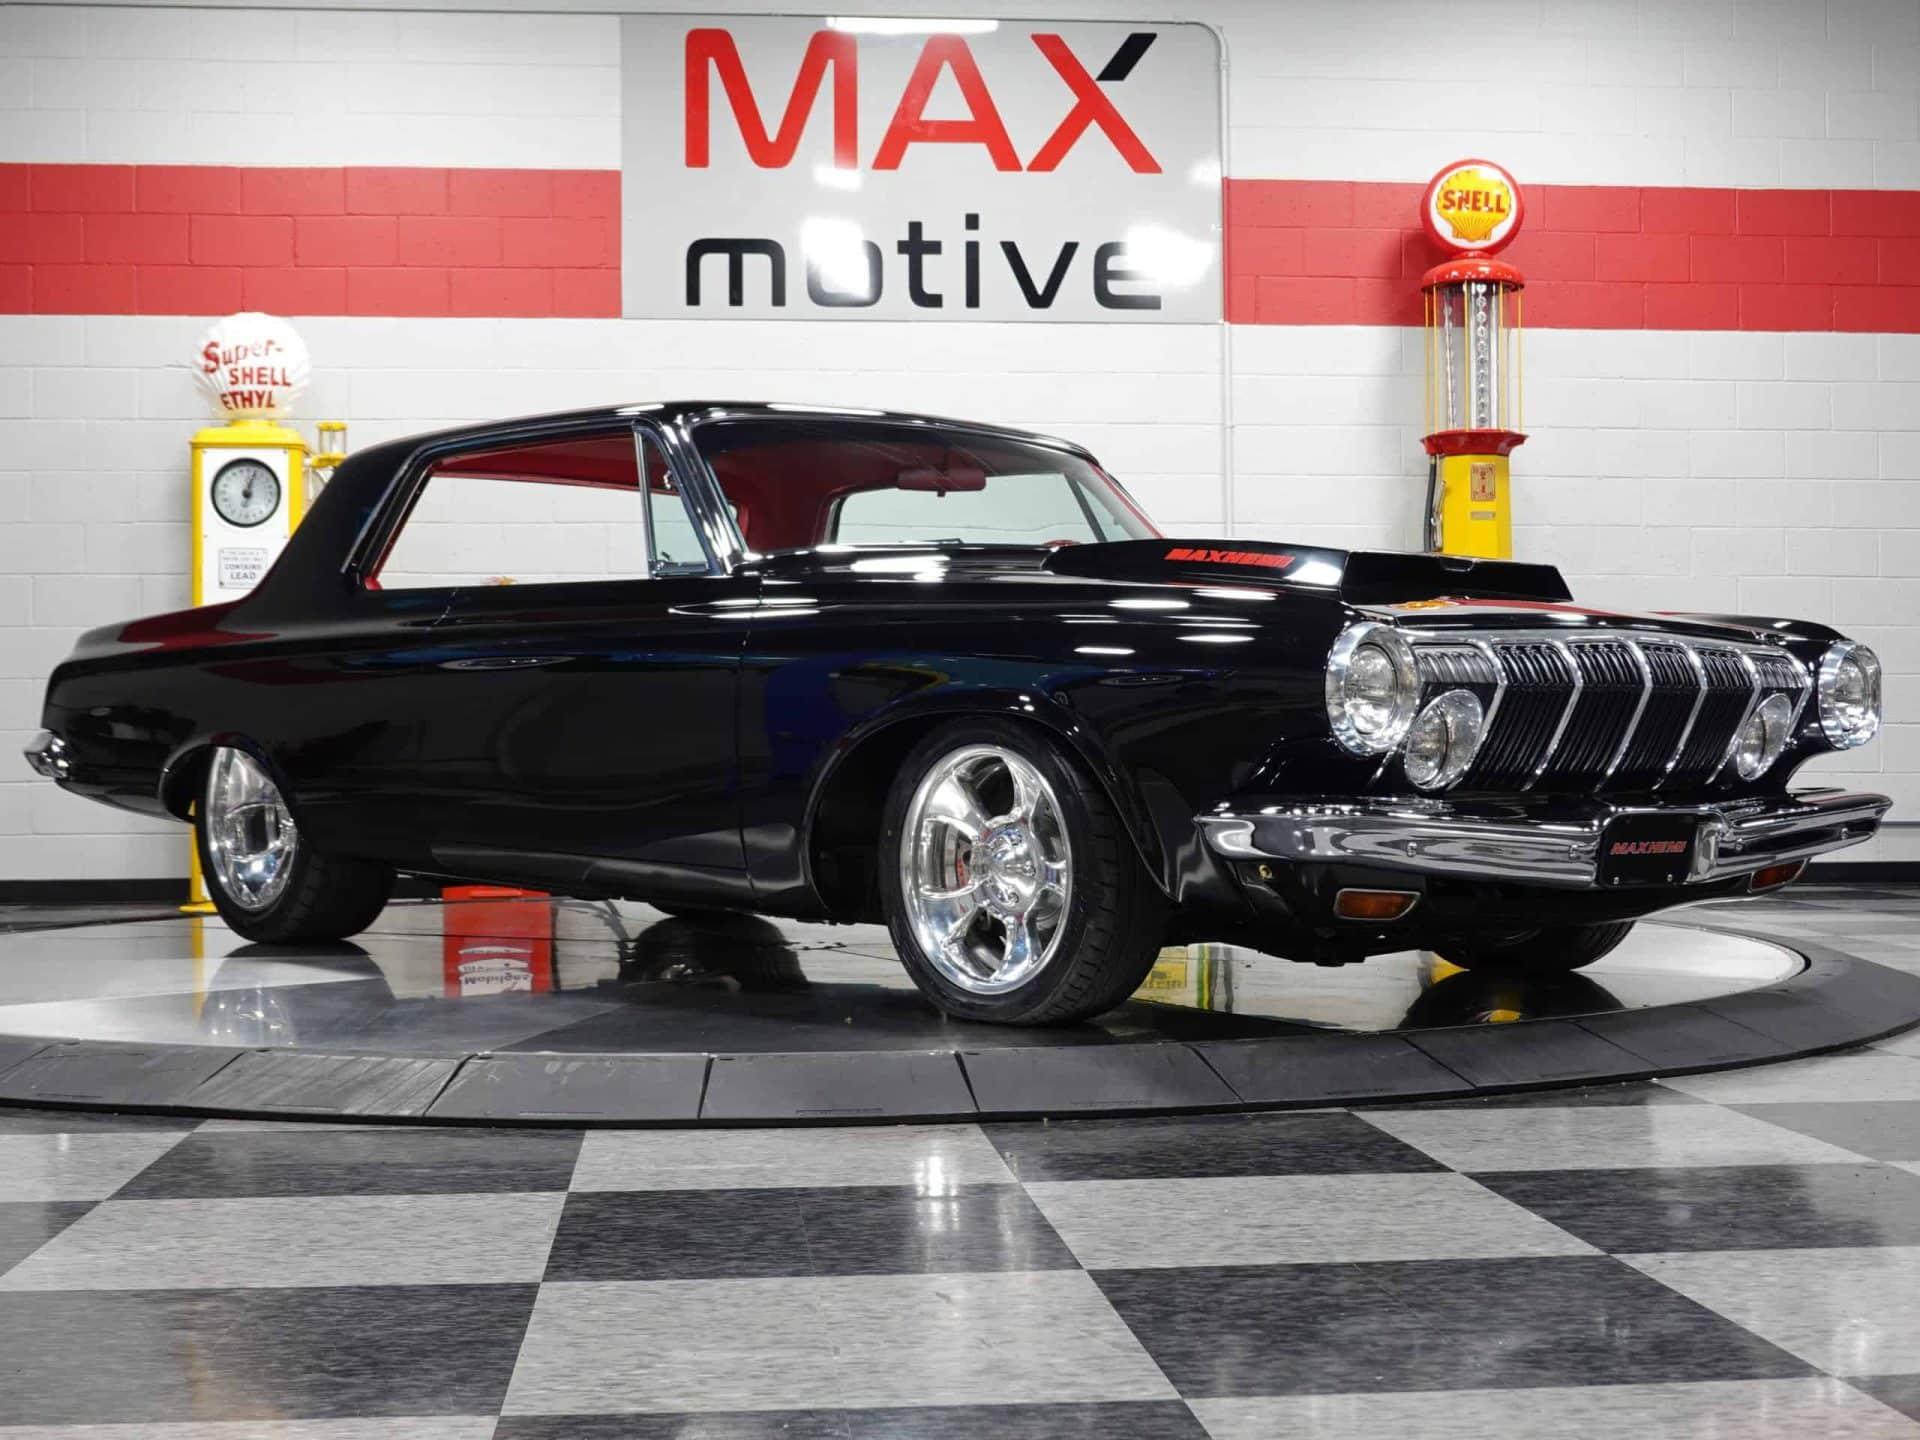 1963 Dodge Polara Max Hemi - F0538